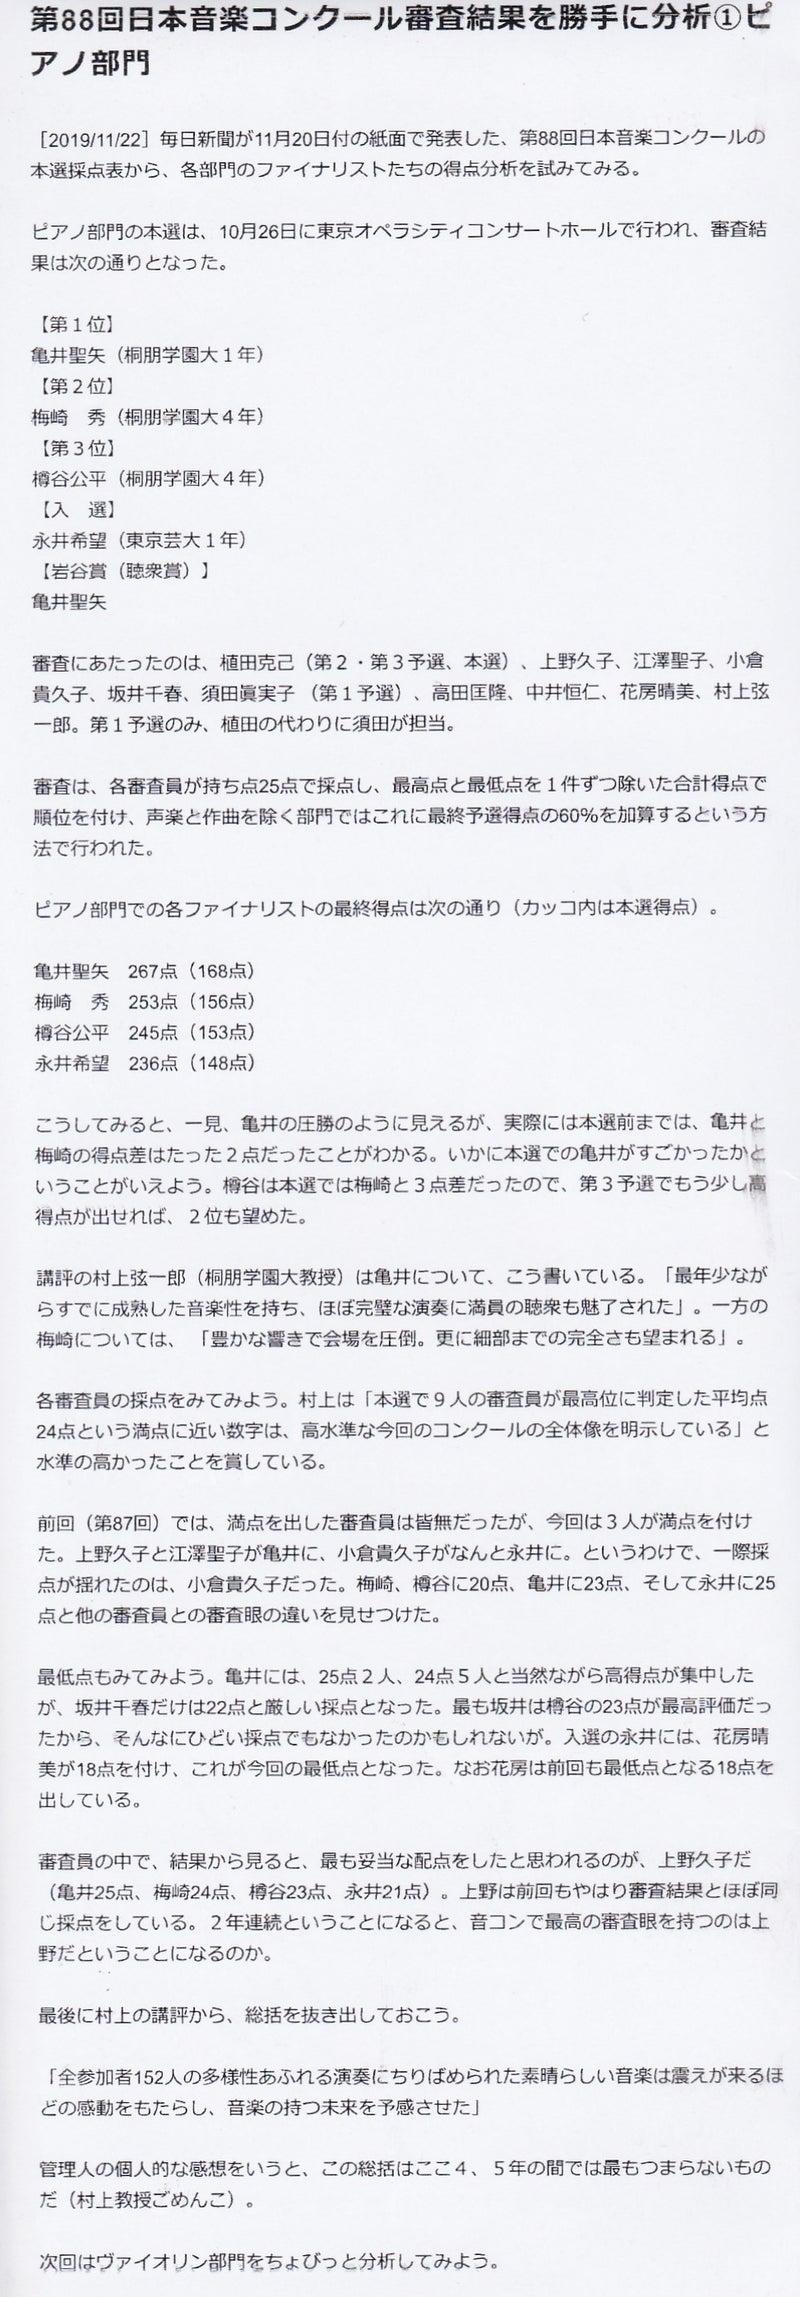 2019 結果 日本 音楽 コンクール